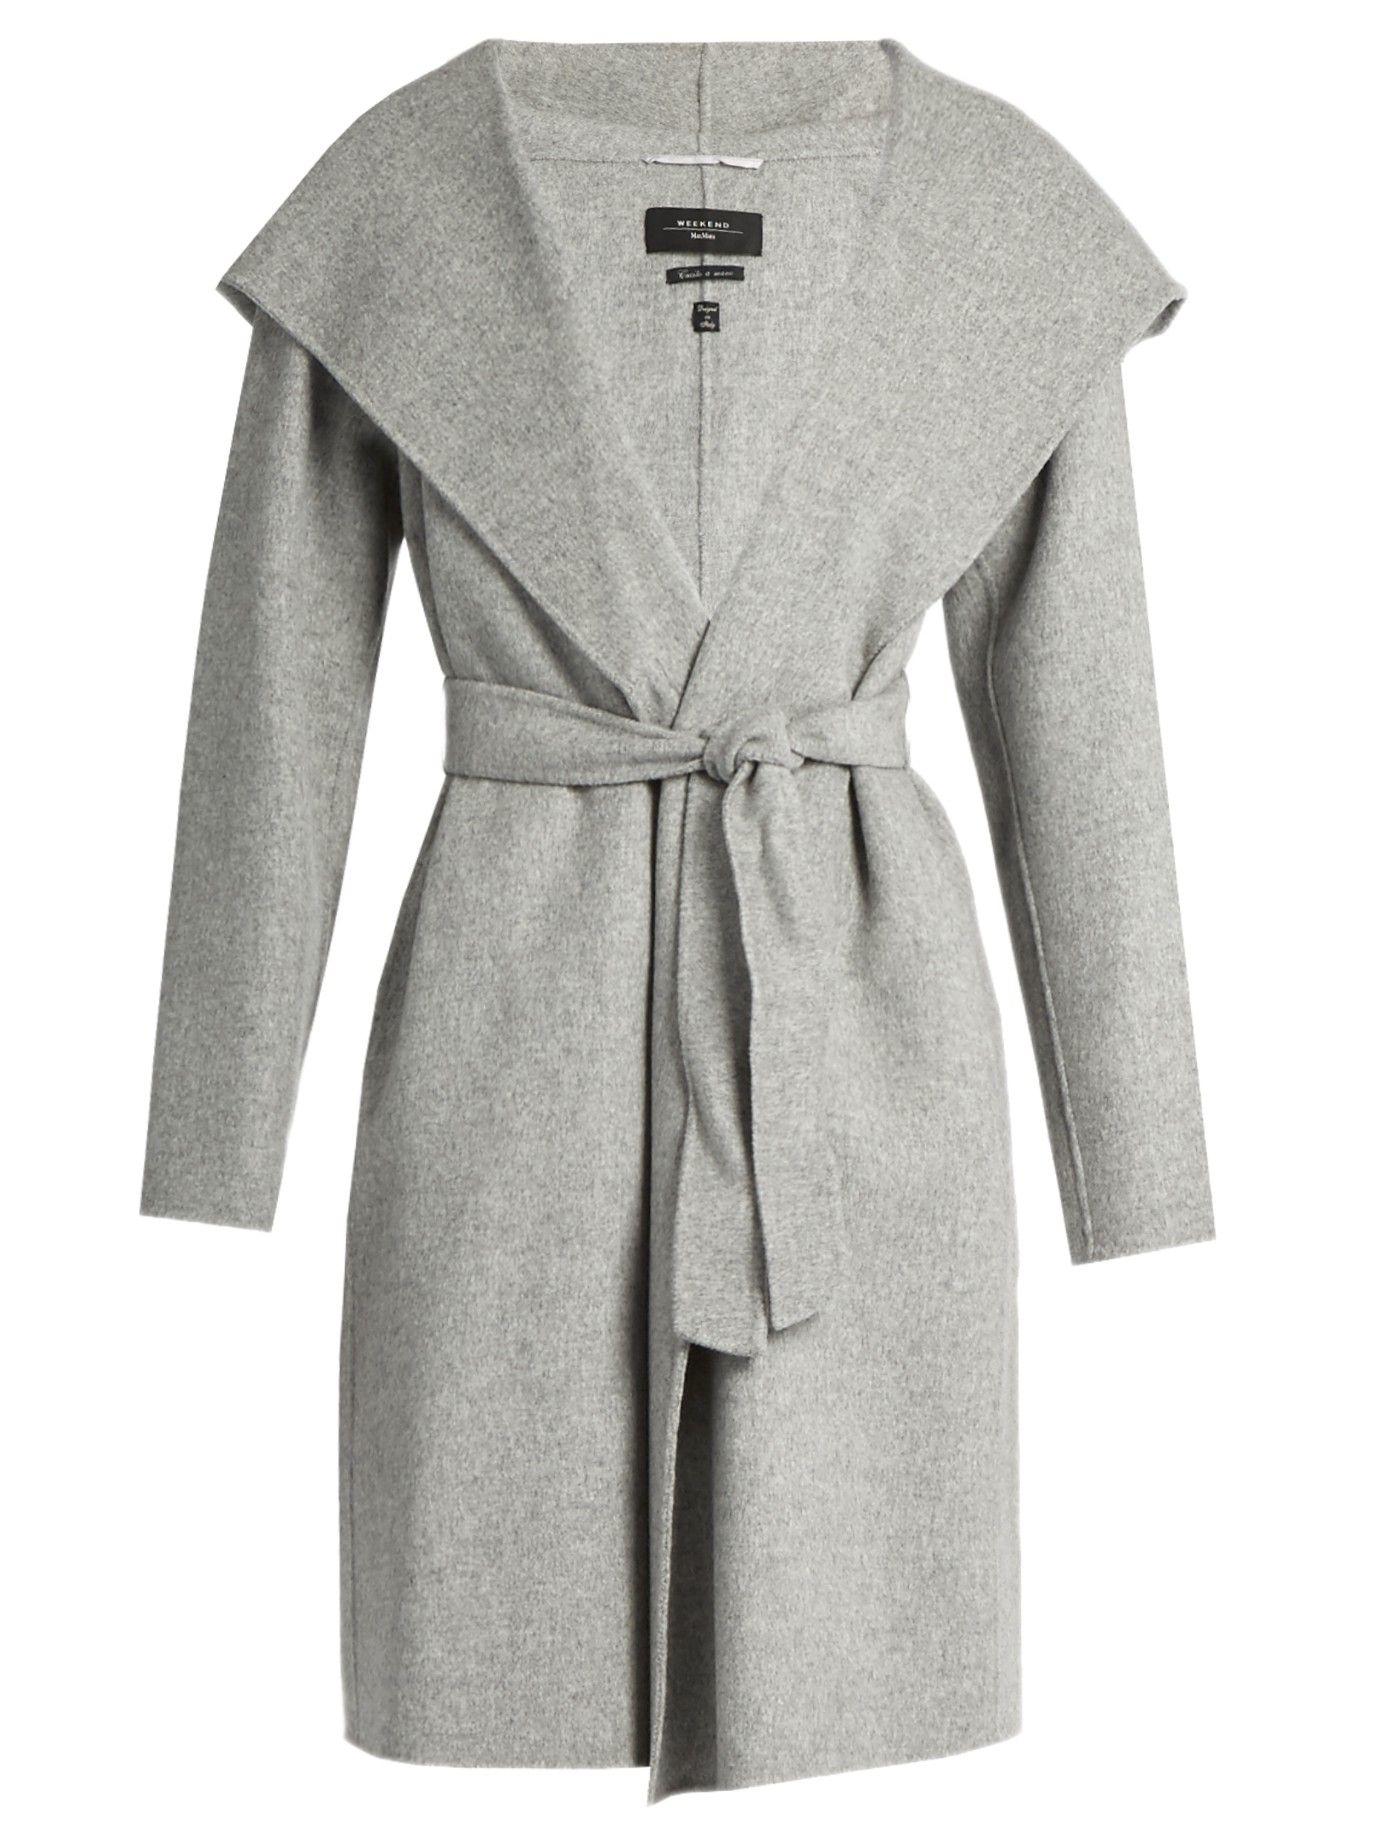 9a7acc9d88960 Harlem coat